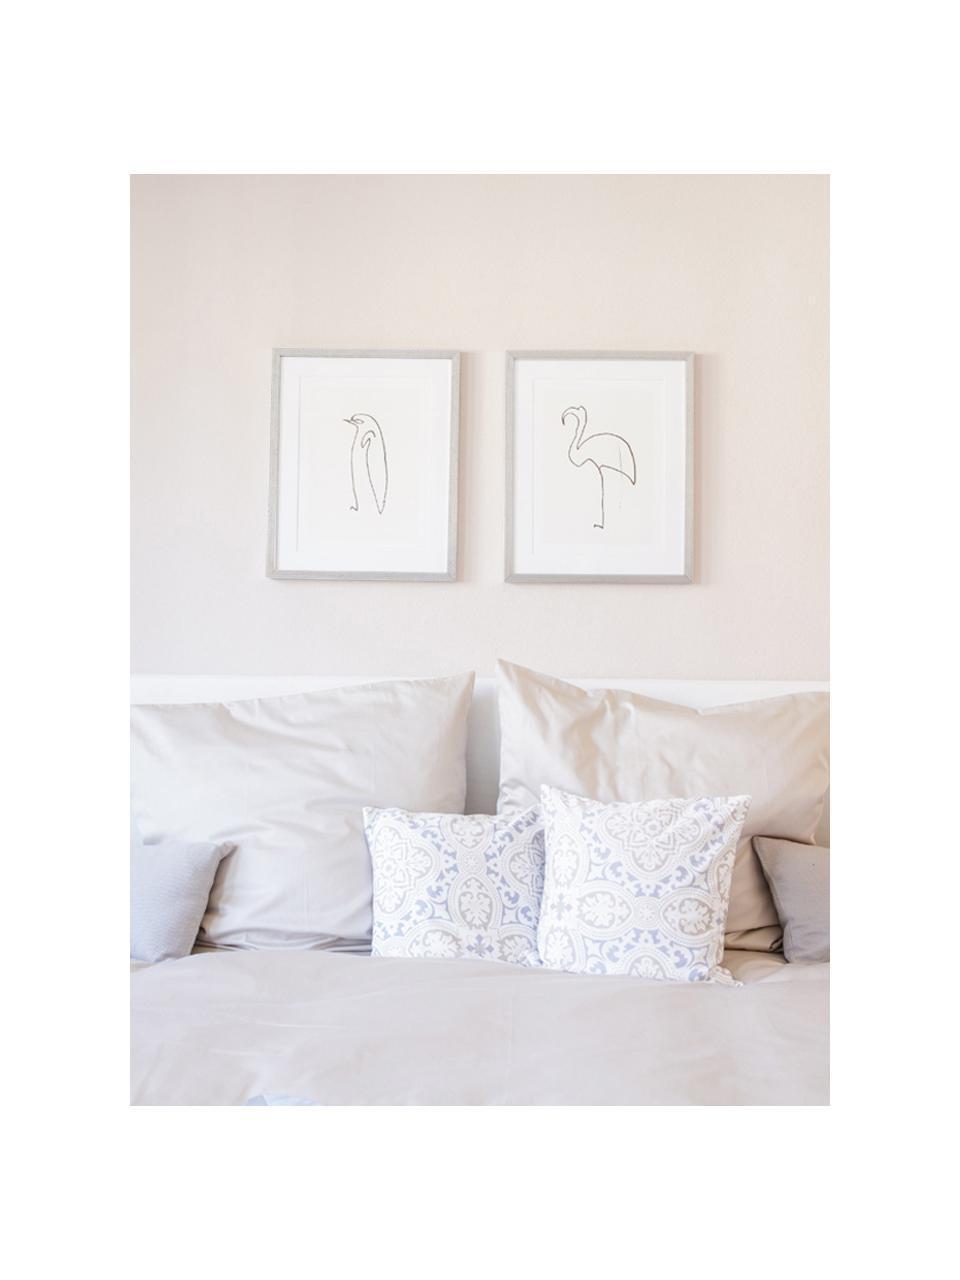 Stampa digitale incorniciata Picasso's Flamingo, Immagine: stampa digitale, Cornice: materiale sintetico, effe, Immagine: nero, bianco Cornice: argentato, L 40 x A 50 cm